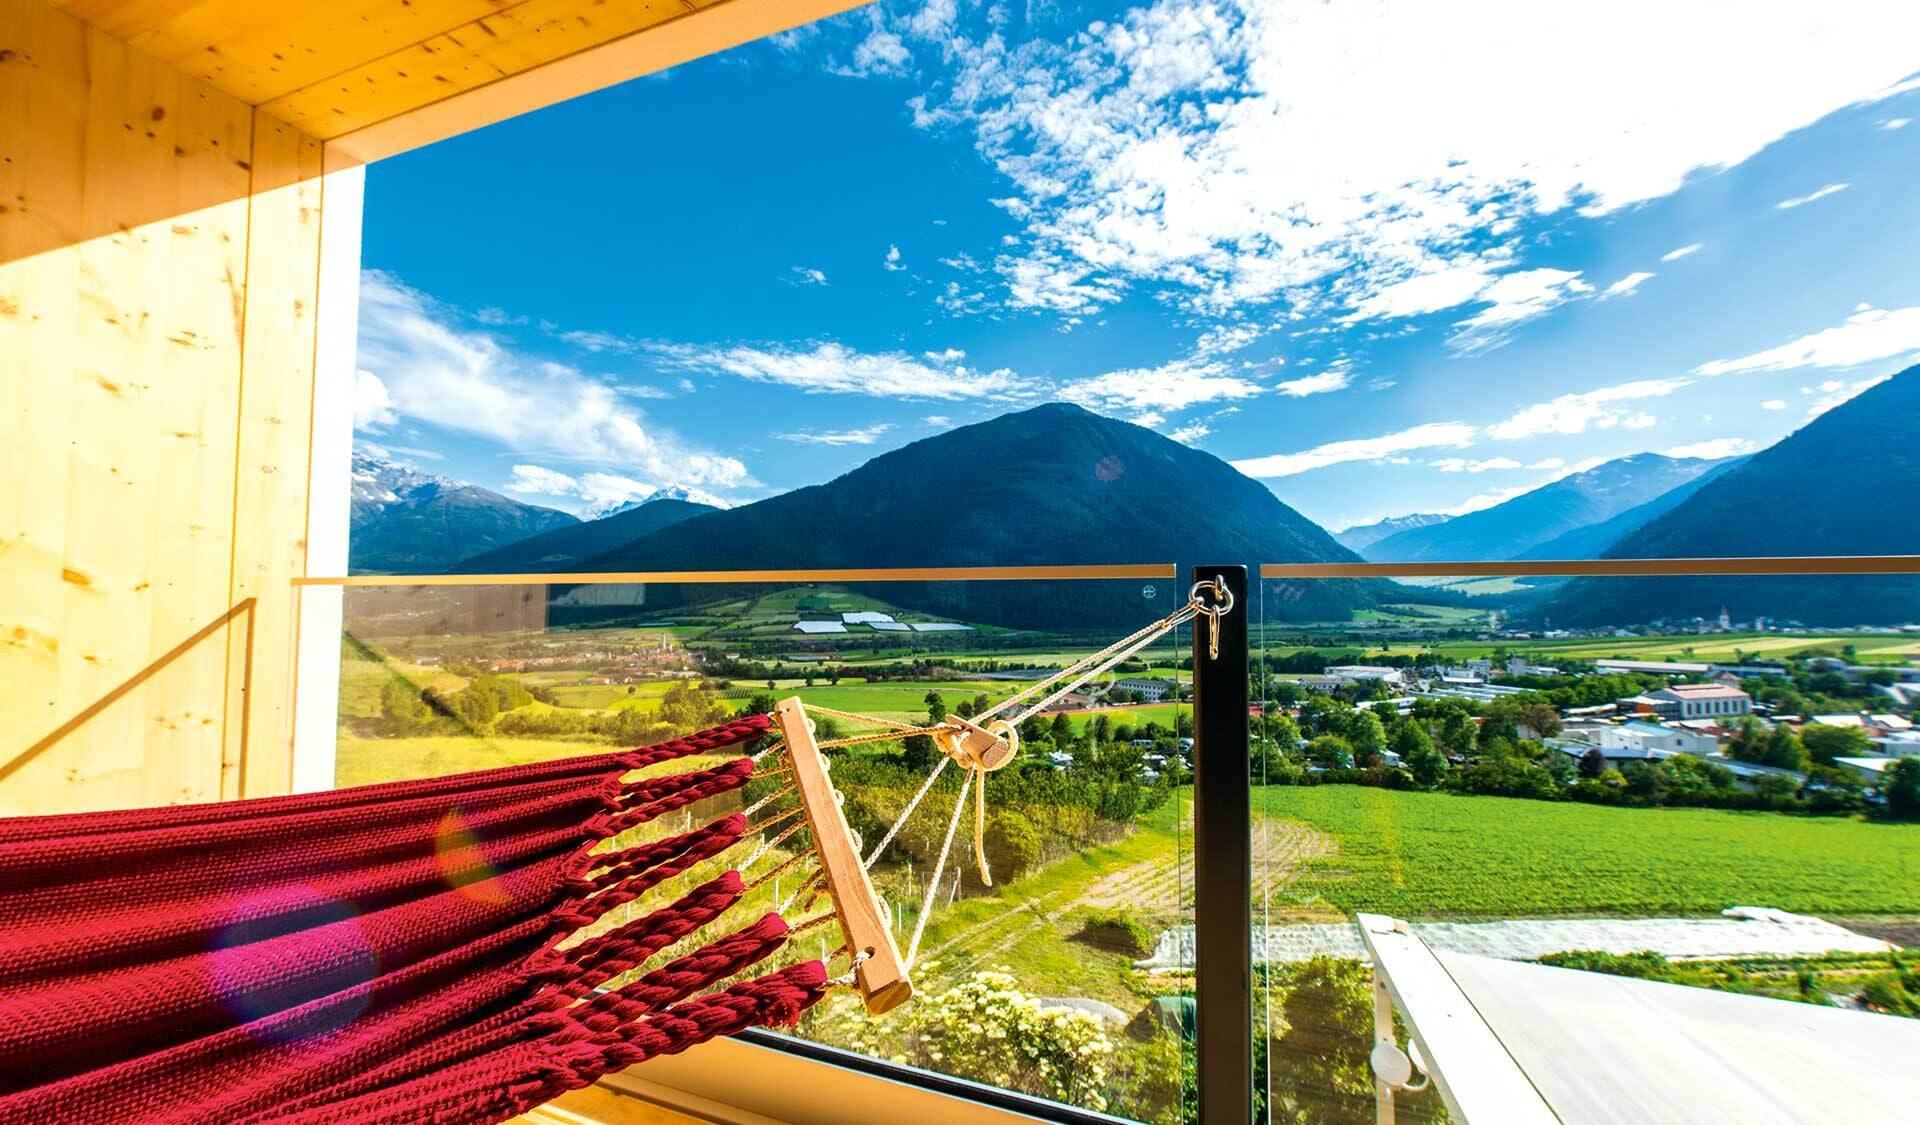 Blick aus einem Hotelzimmer mit Hängematte auf ein Bergpanorama